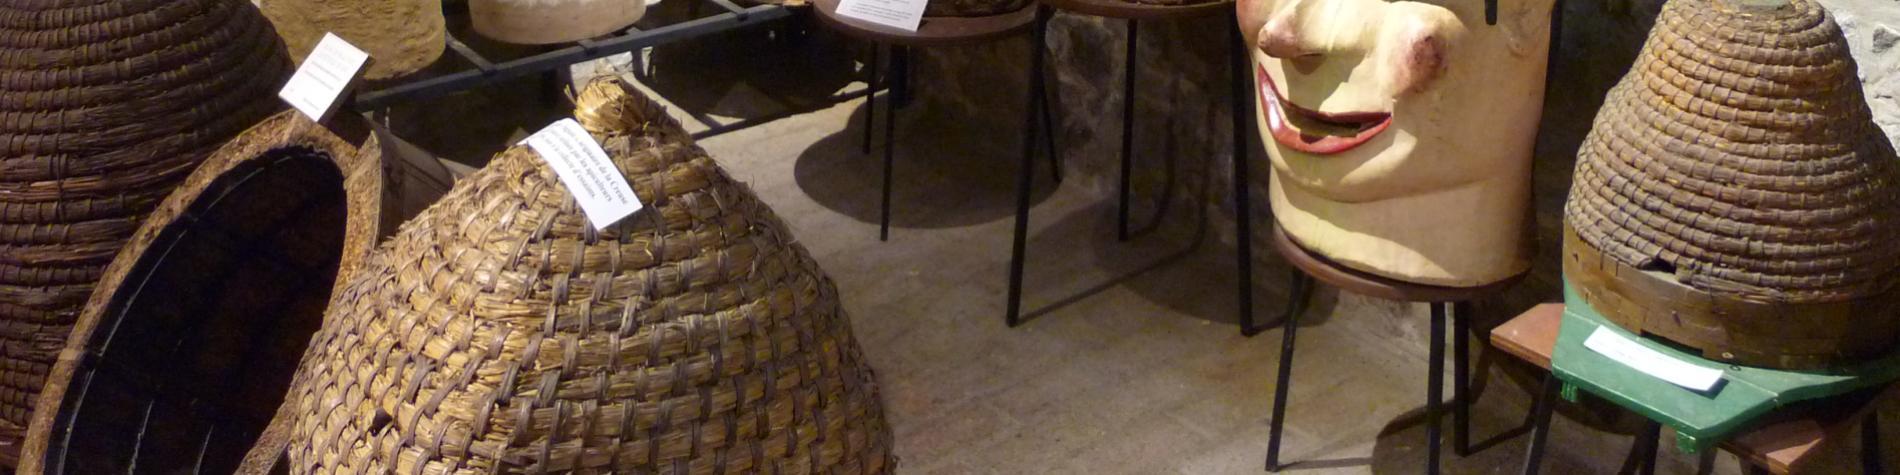 Musée de l'abeille - Tilff - Vue des ruches